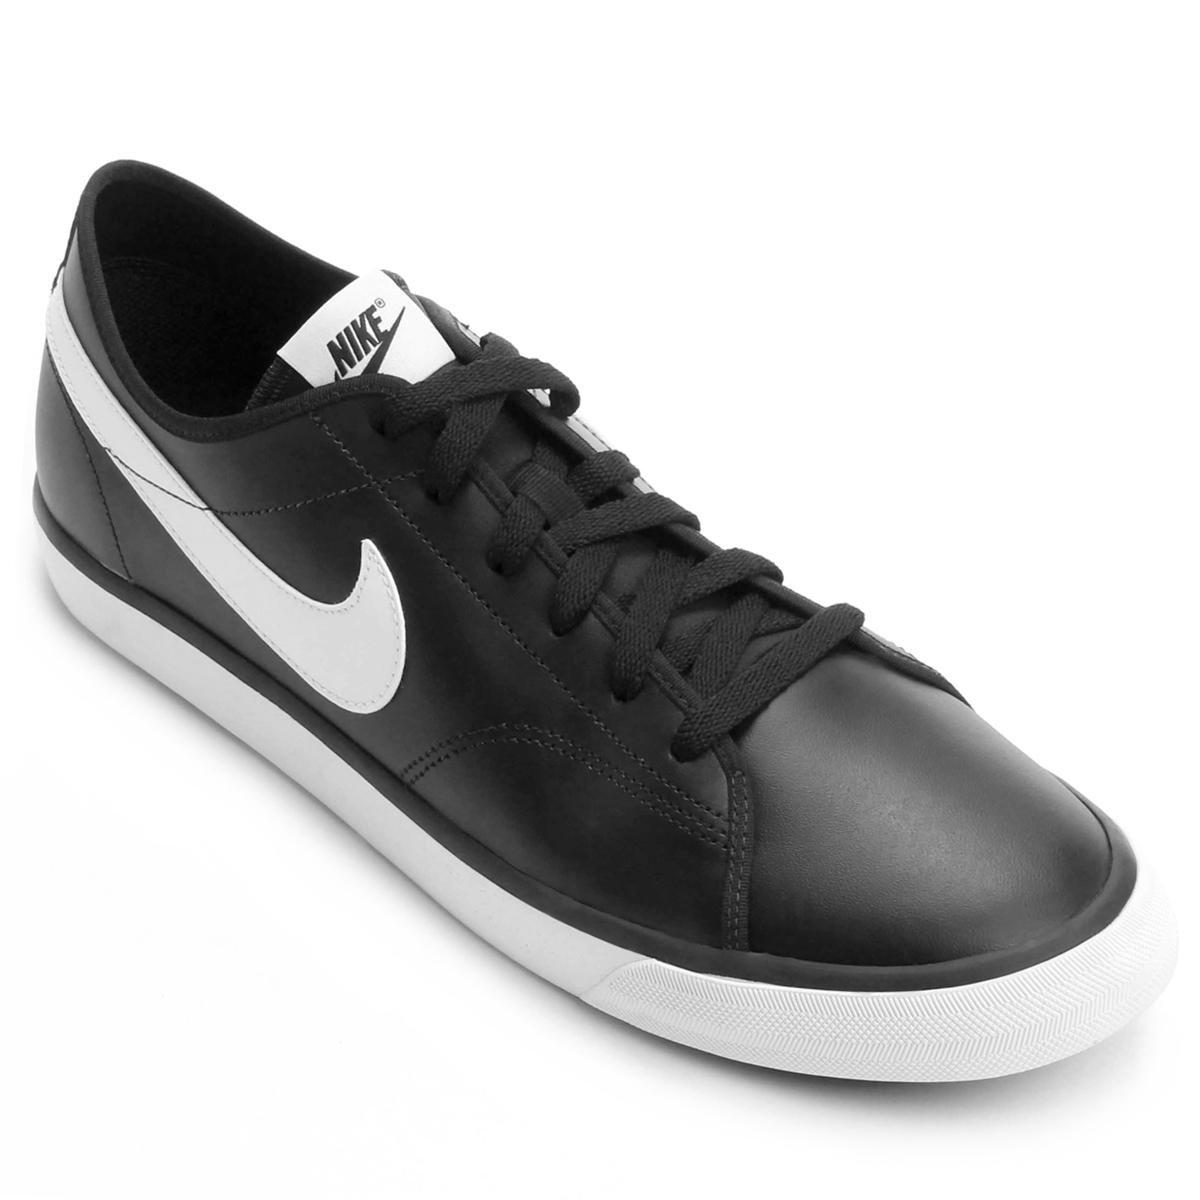 Tênis Nike Primo Court Leather Timão Compre Agora Shop Timão Leather fabad0 5faa55387fb0f